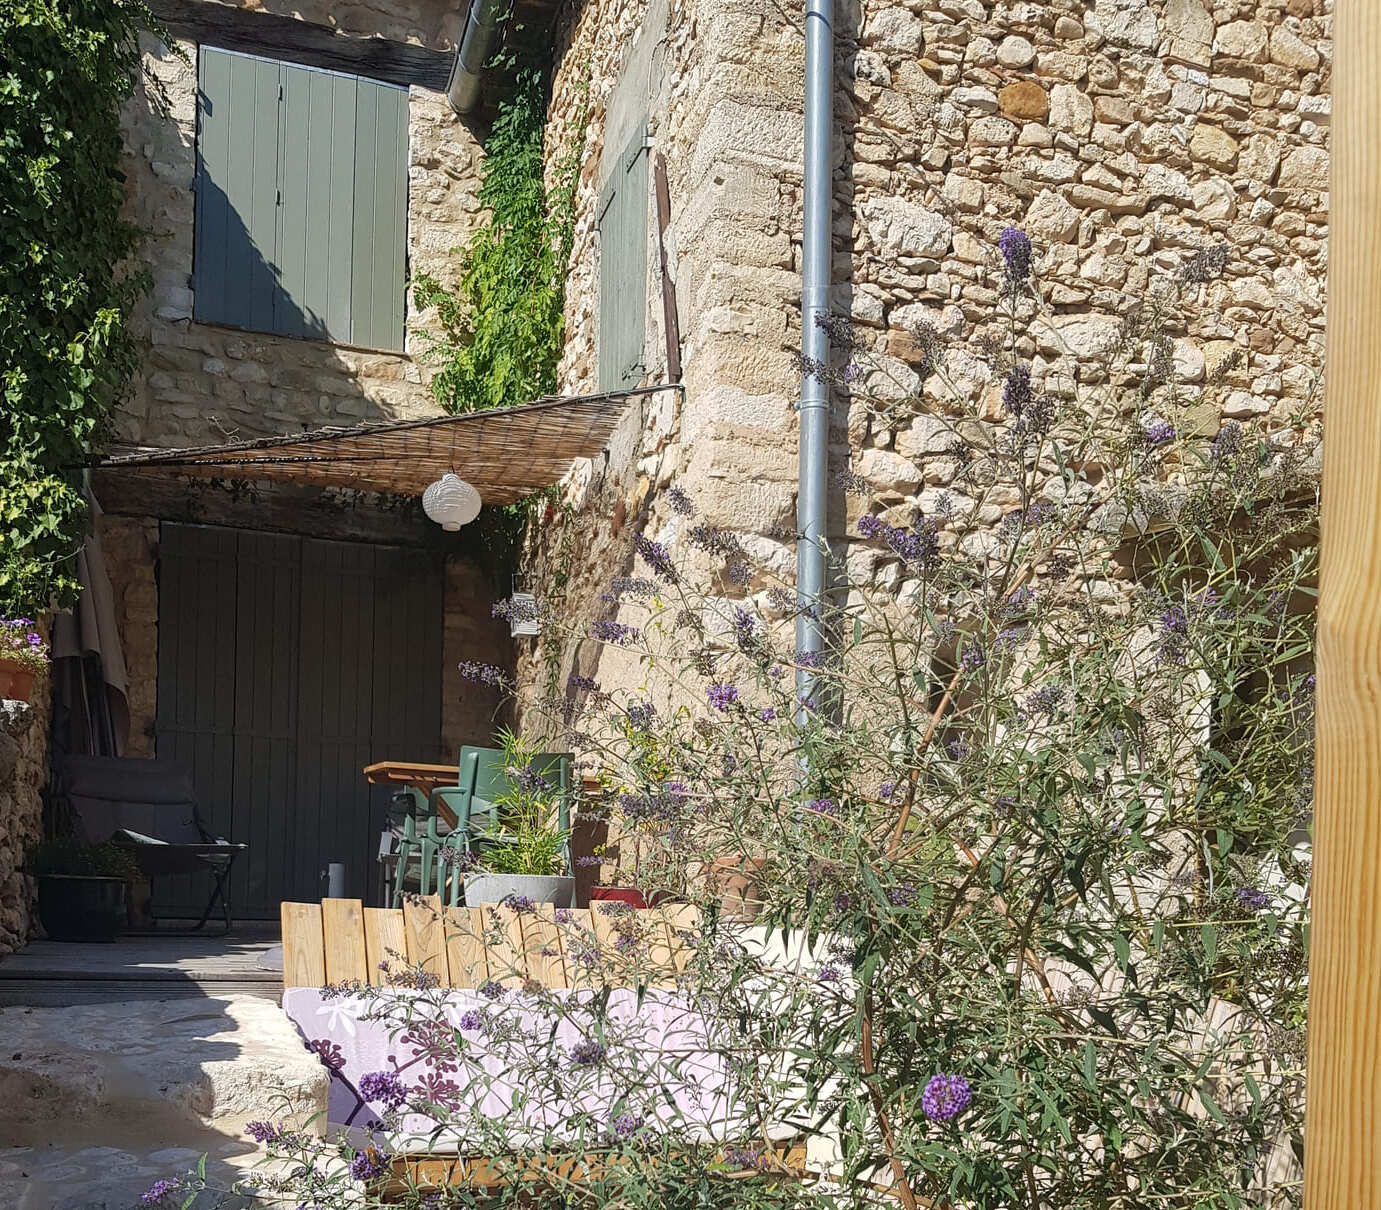 Jardin le-tout-petit : aménagement d'un jardin dans un tout petit espace